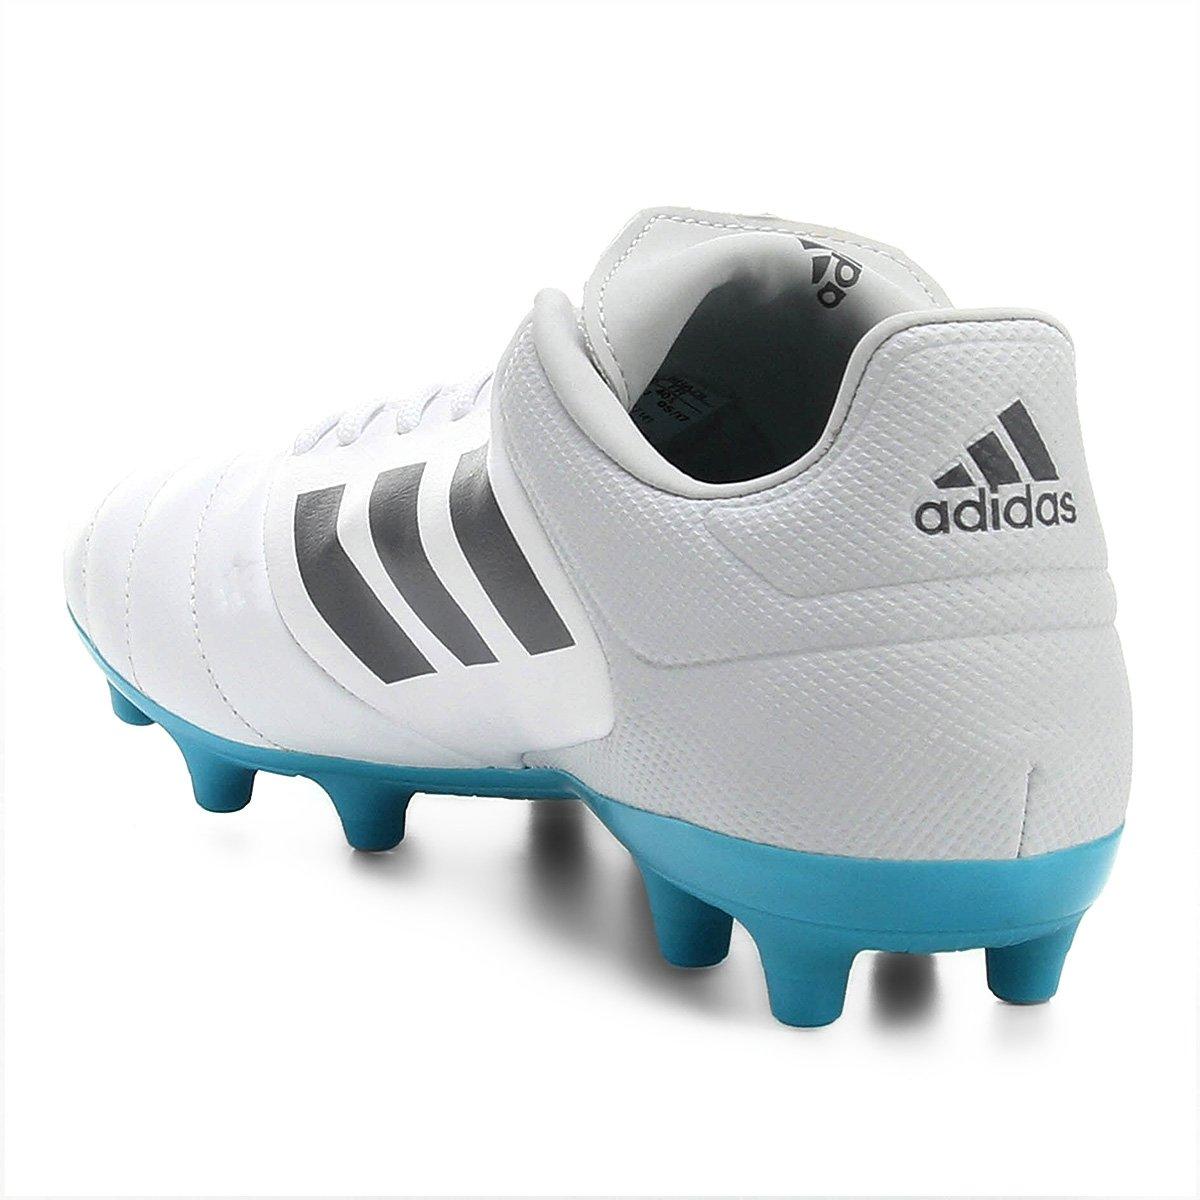 eb88e16951 ... look for Chuteira Campo Adidas Copa 17.3 FG Masculina Livelo -Sua Vida  com . ...